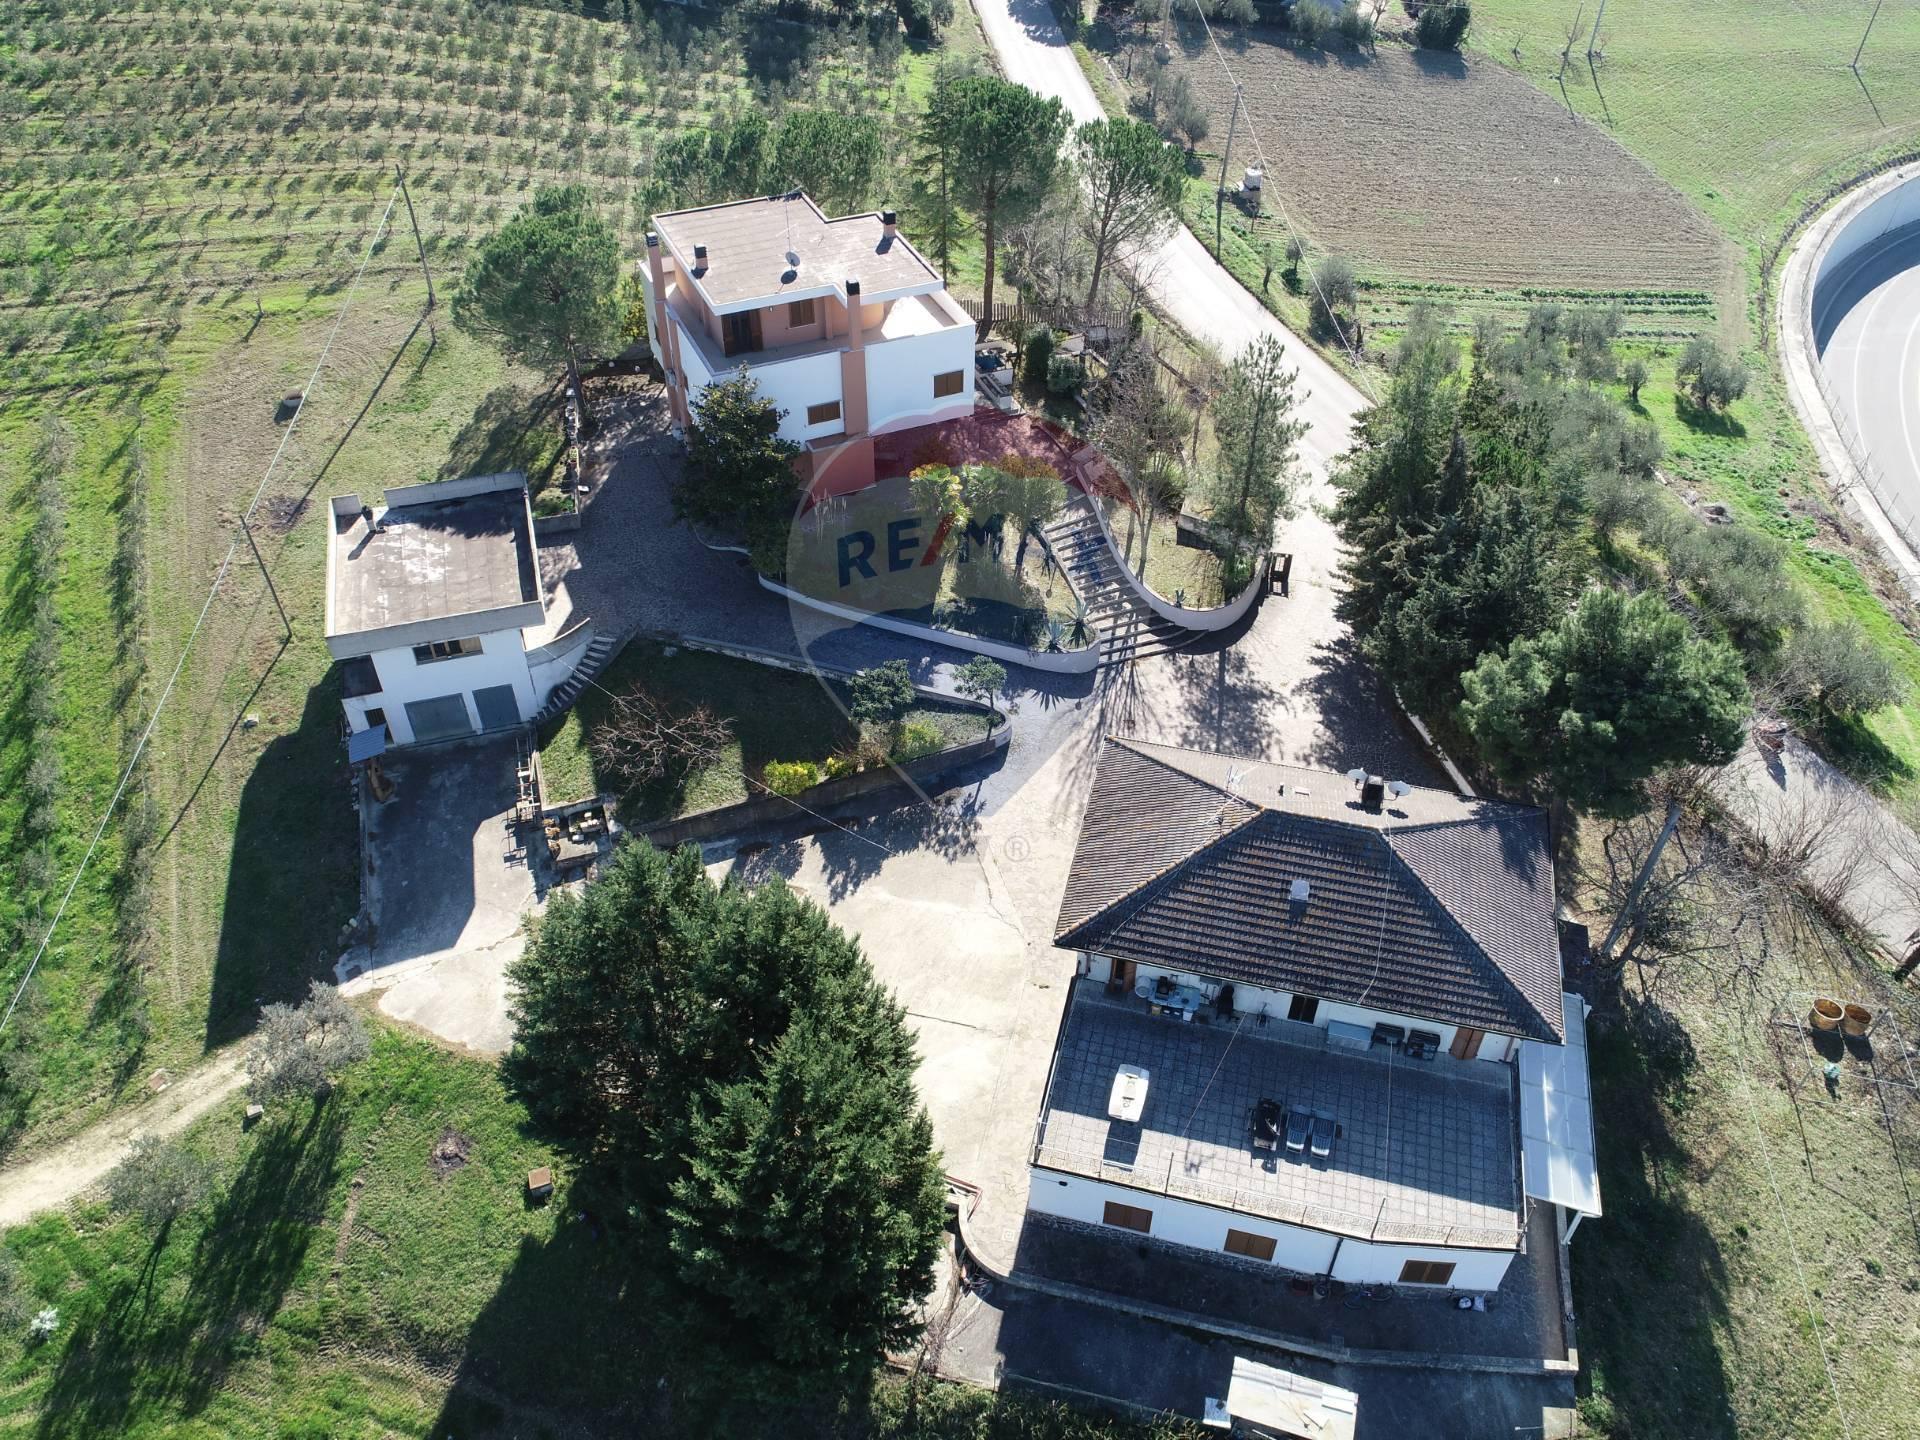 Appartamento in vendita a Bucchianico, 15 locali, prezzo € 500.000 | CambioCasa.it